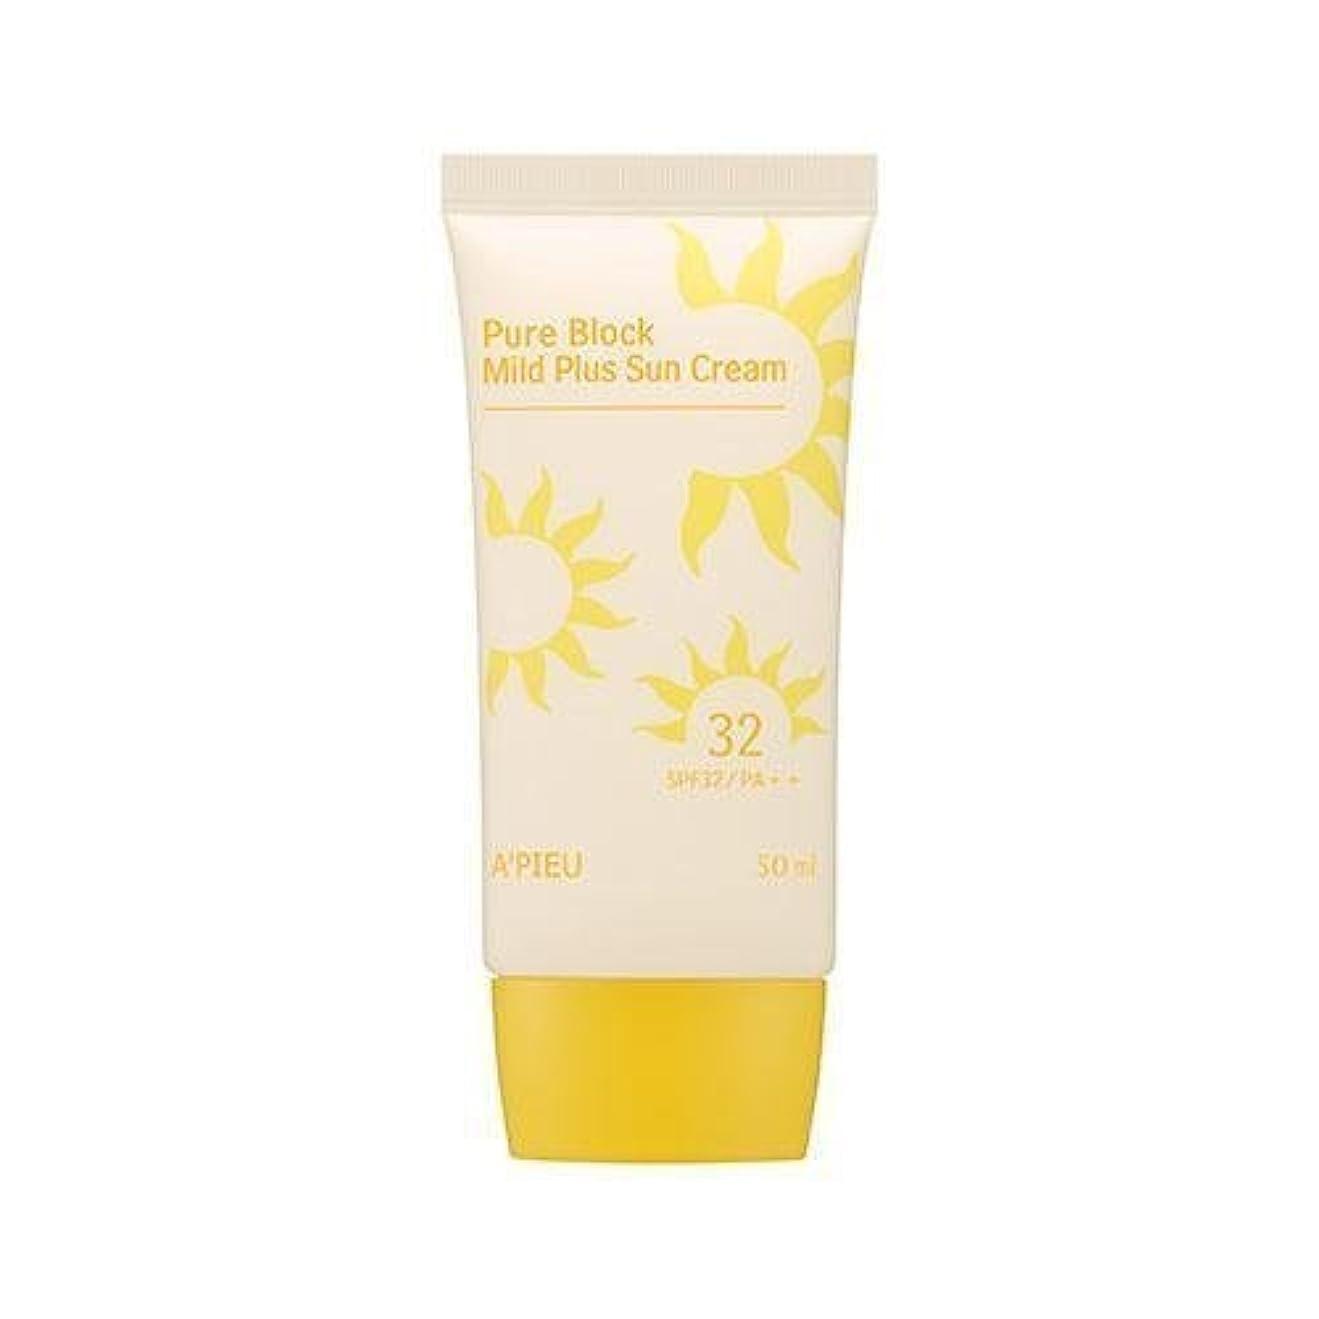 あいにく周囲リア王APIEU Pure Block Mild Plus Sun Cream (SPF32/PA++)/ Made in Korea